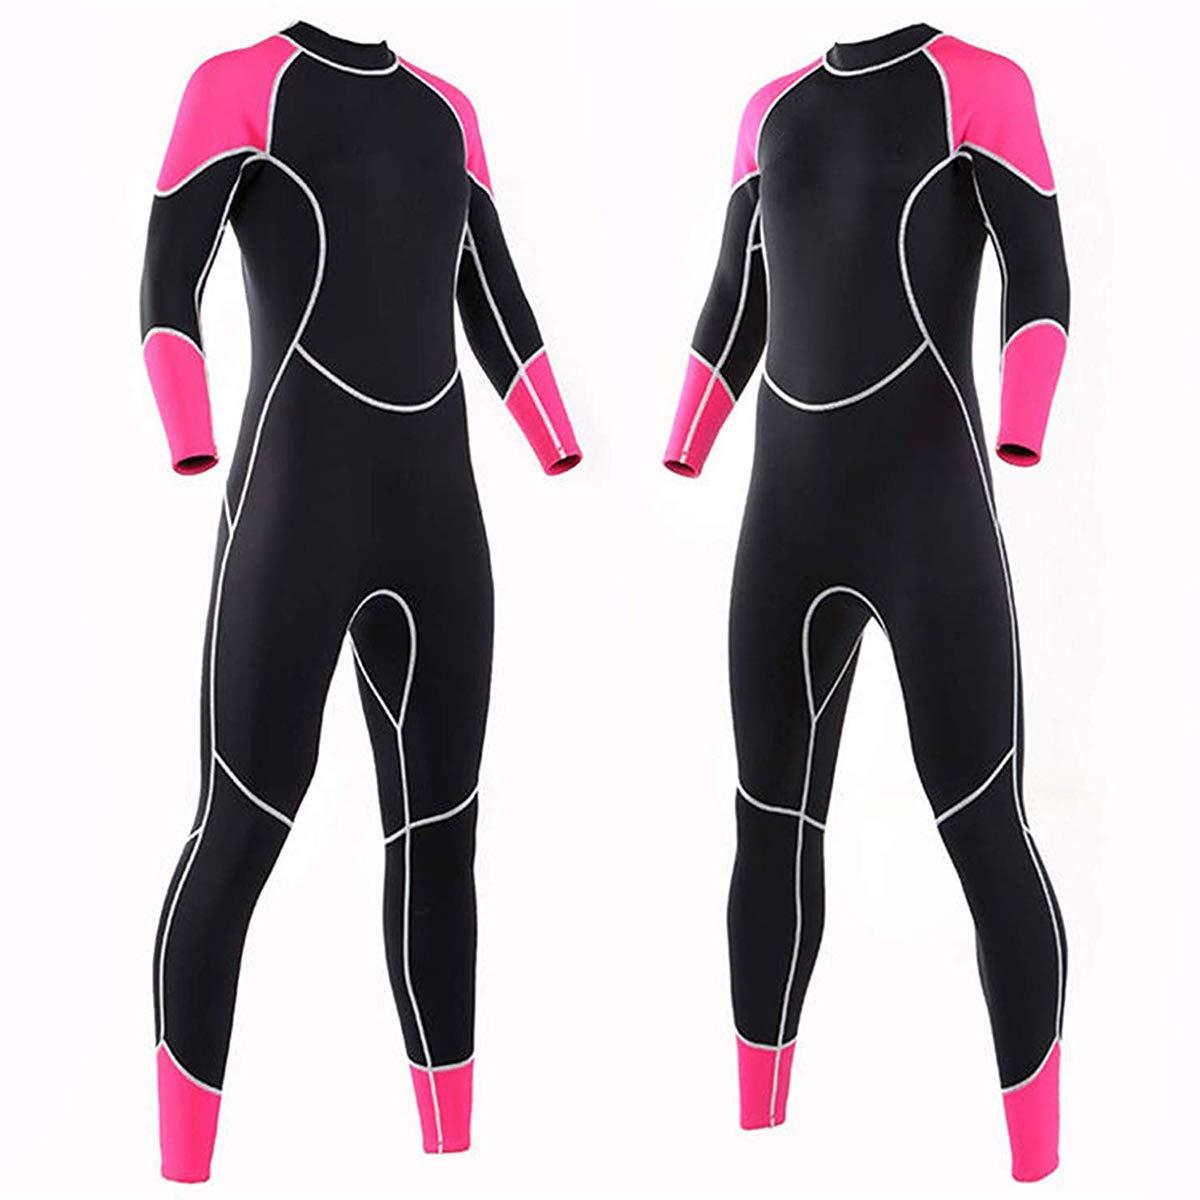 Niiwi Women Full Body Wetsuit - 2.5mm Premium Neoprene Scuba Diving Suit for Water Activities (Pink/Black, M)